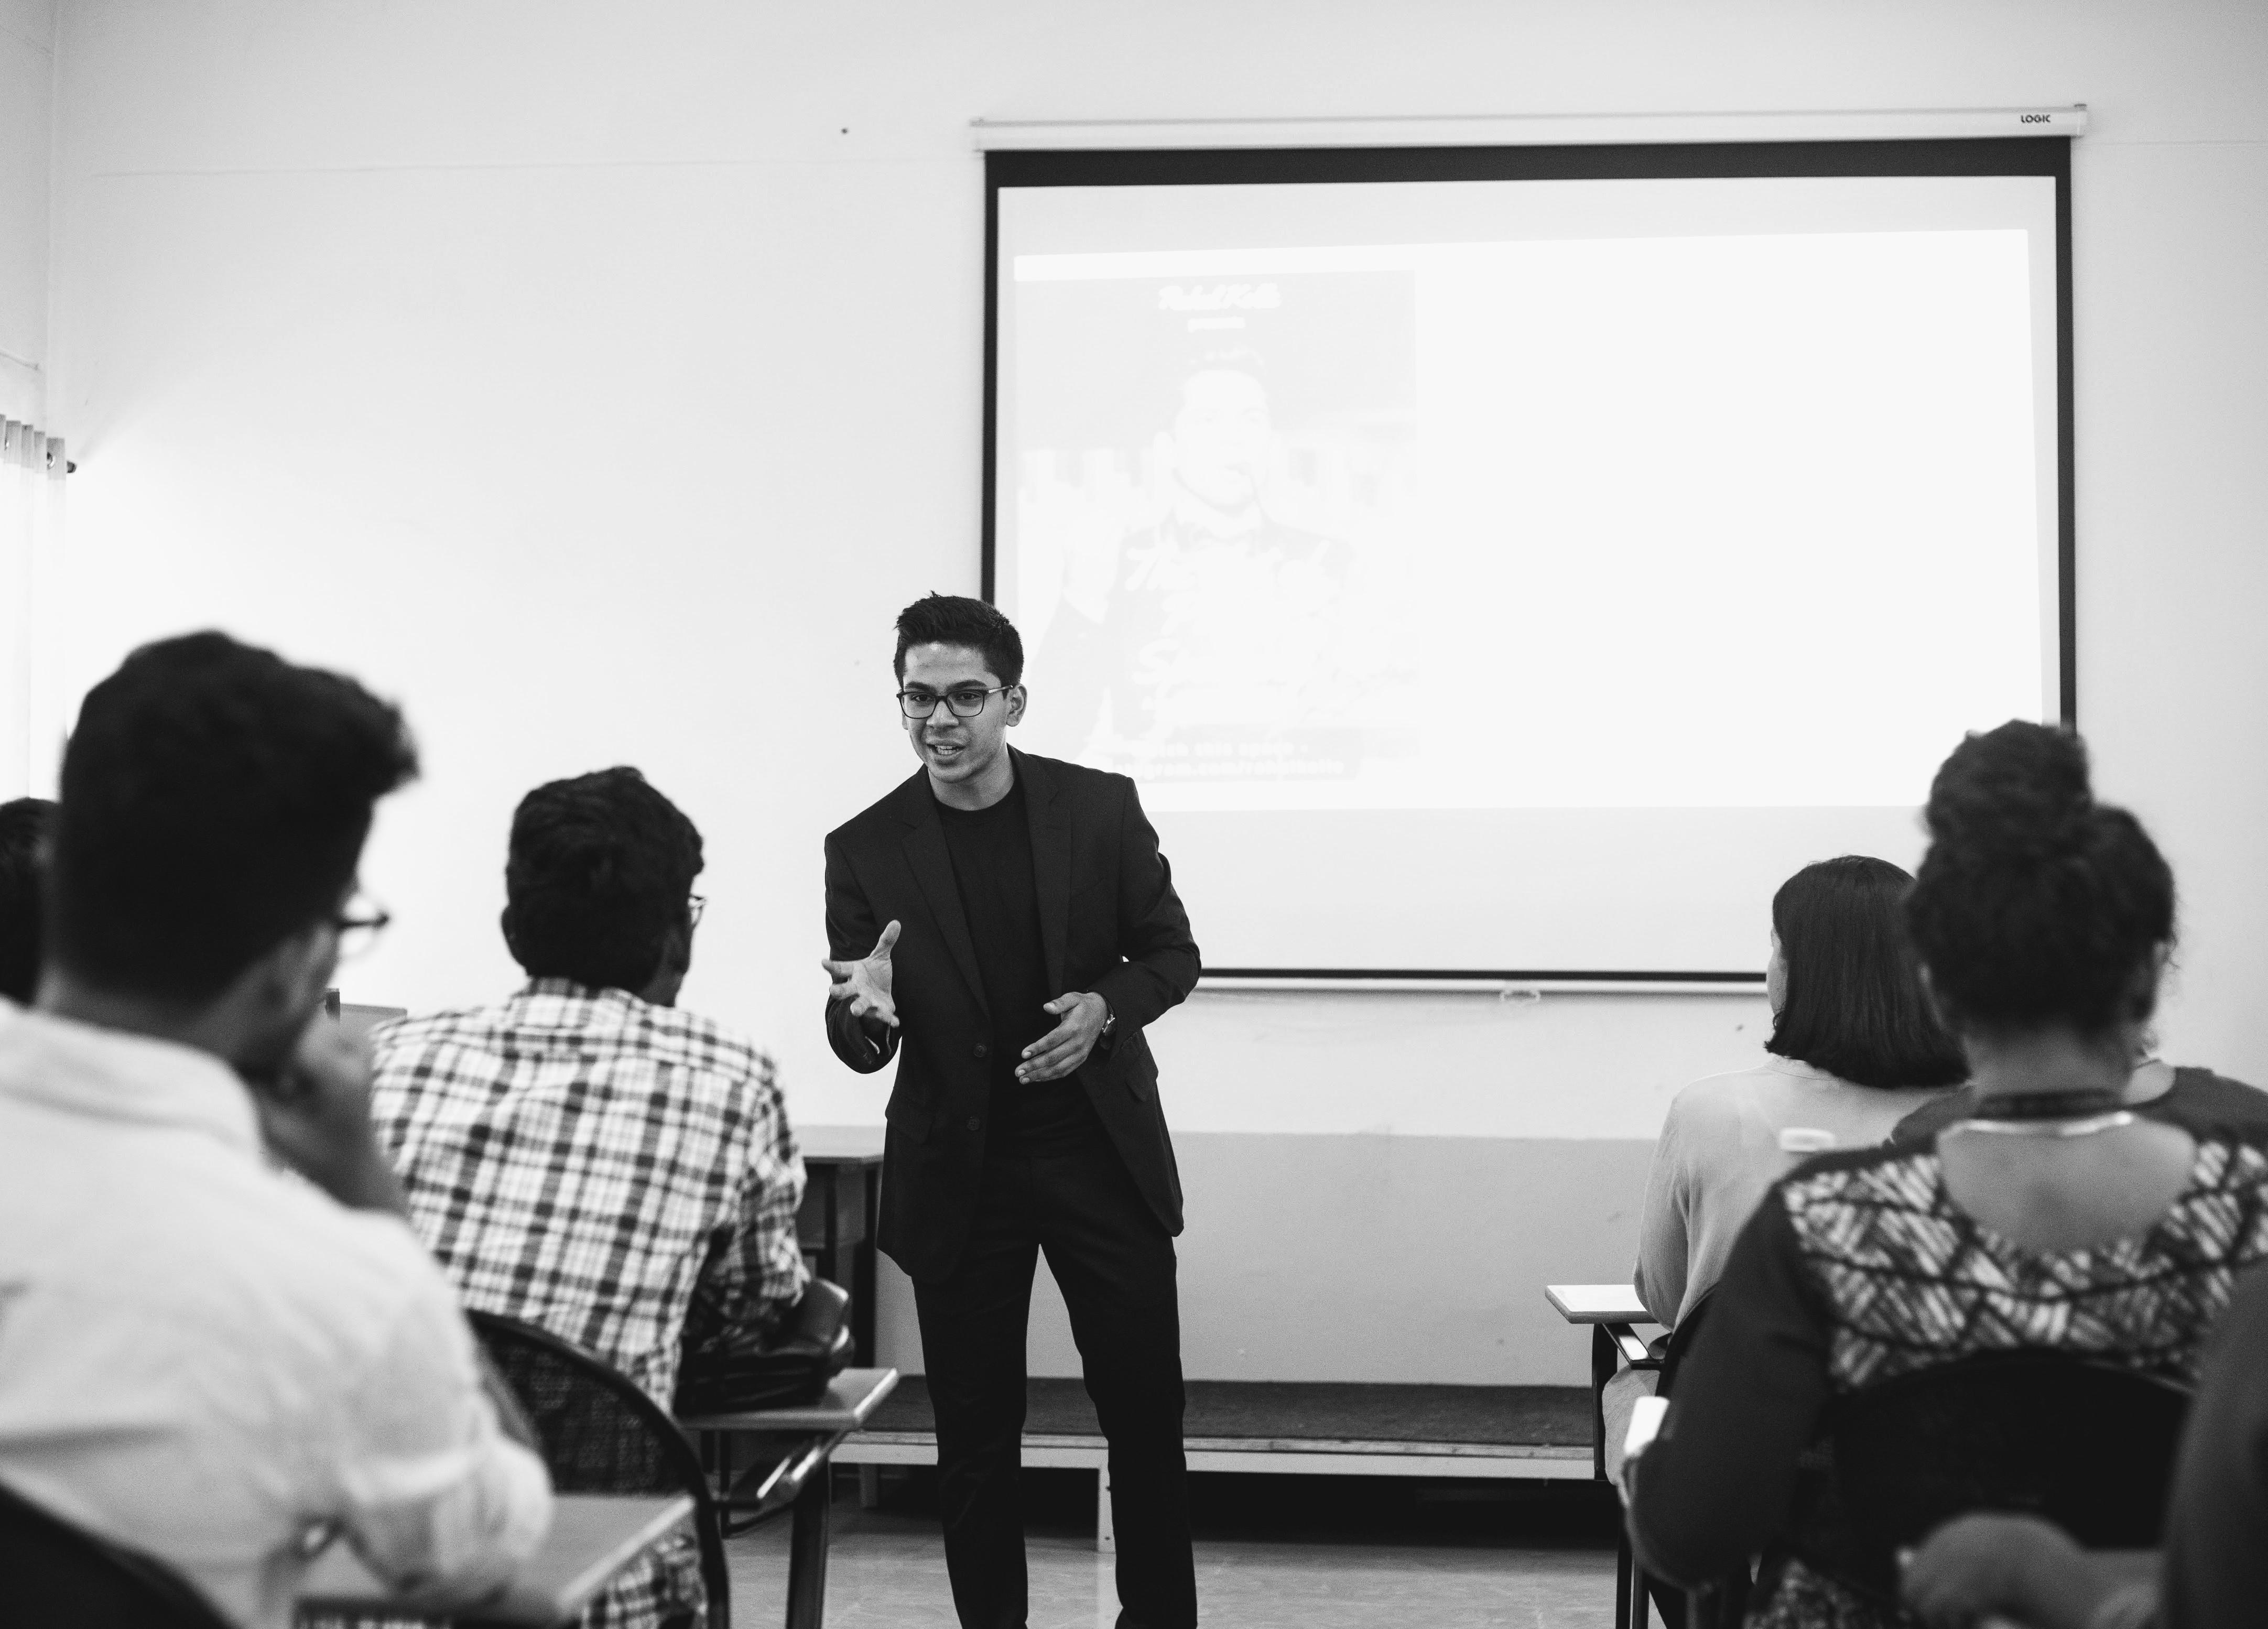 Public Speaking Coach